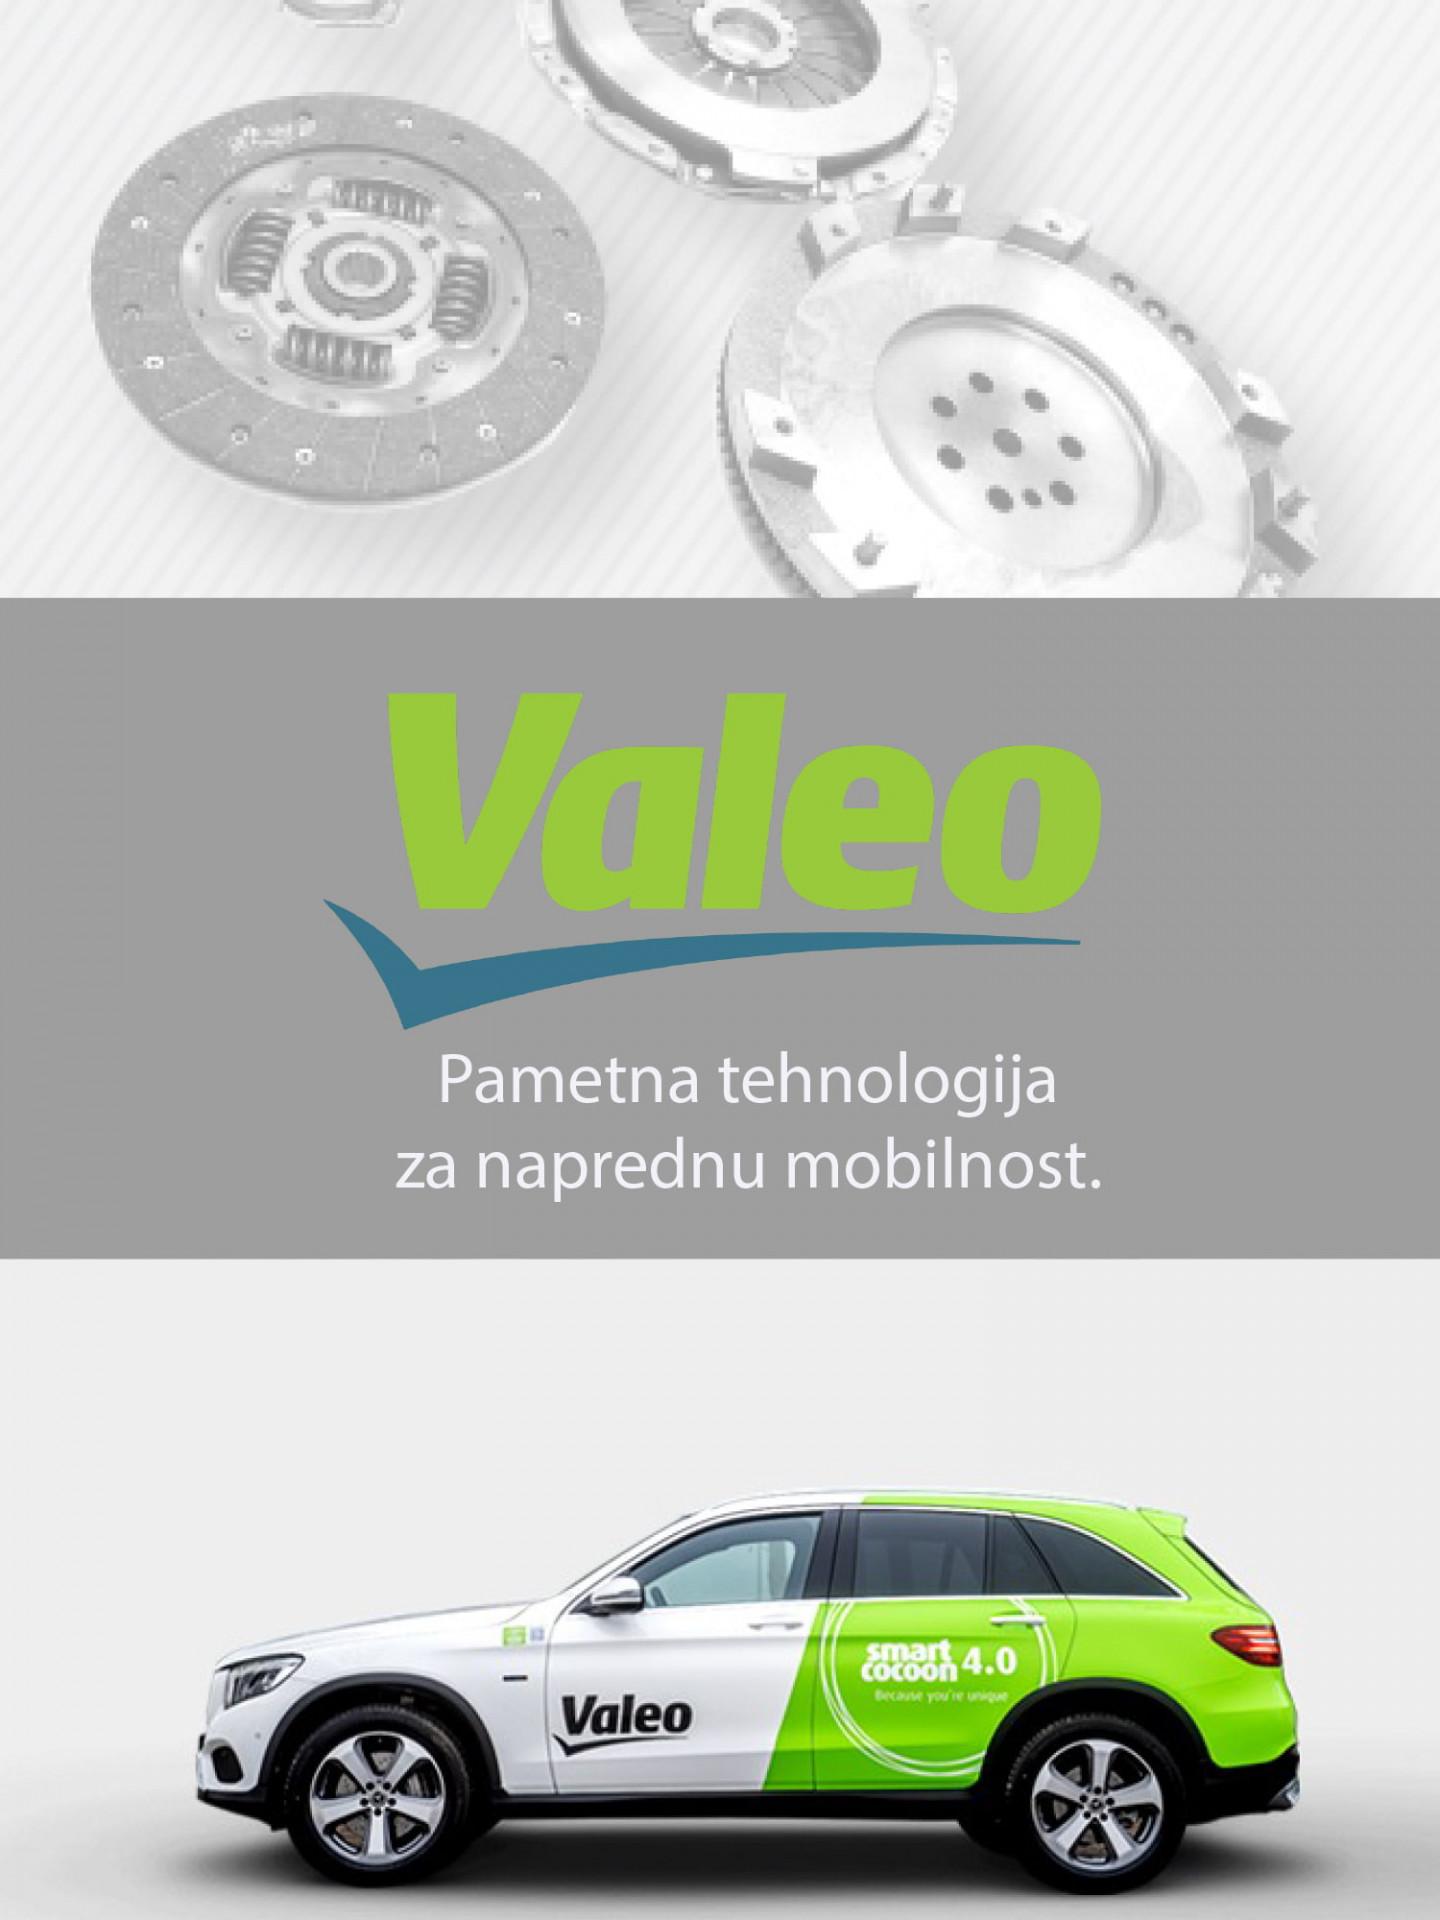 hhttps://www.valeo.com/en/